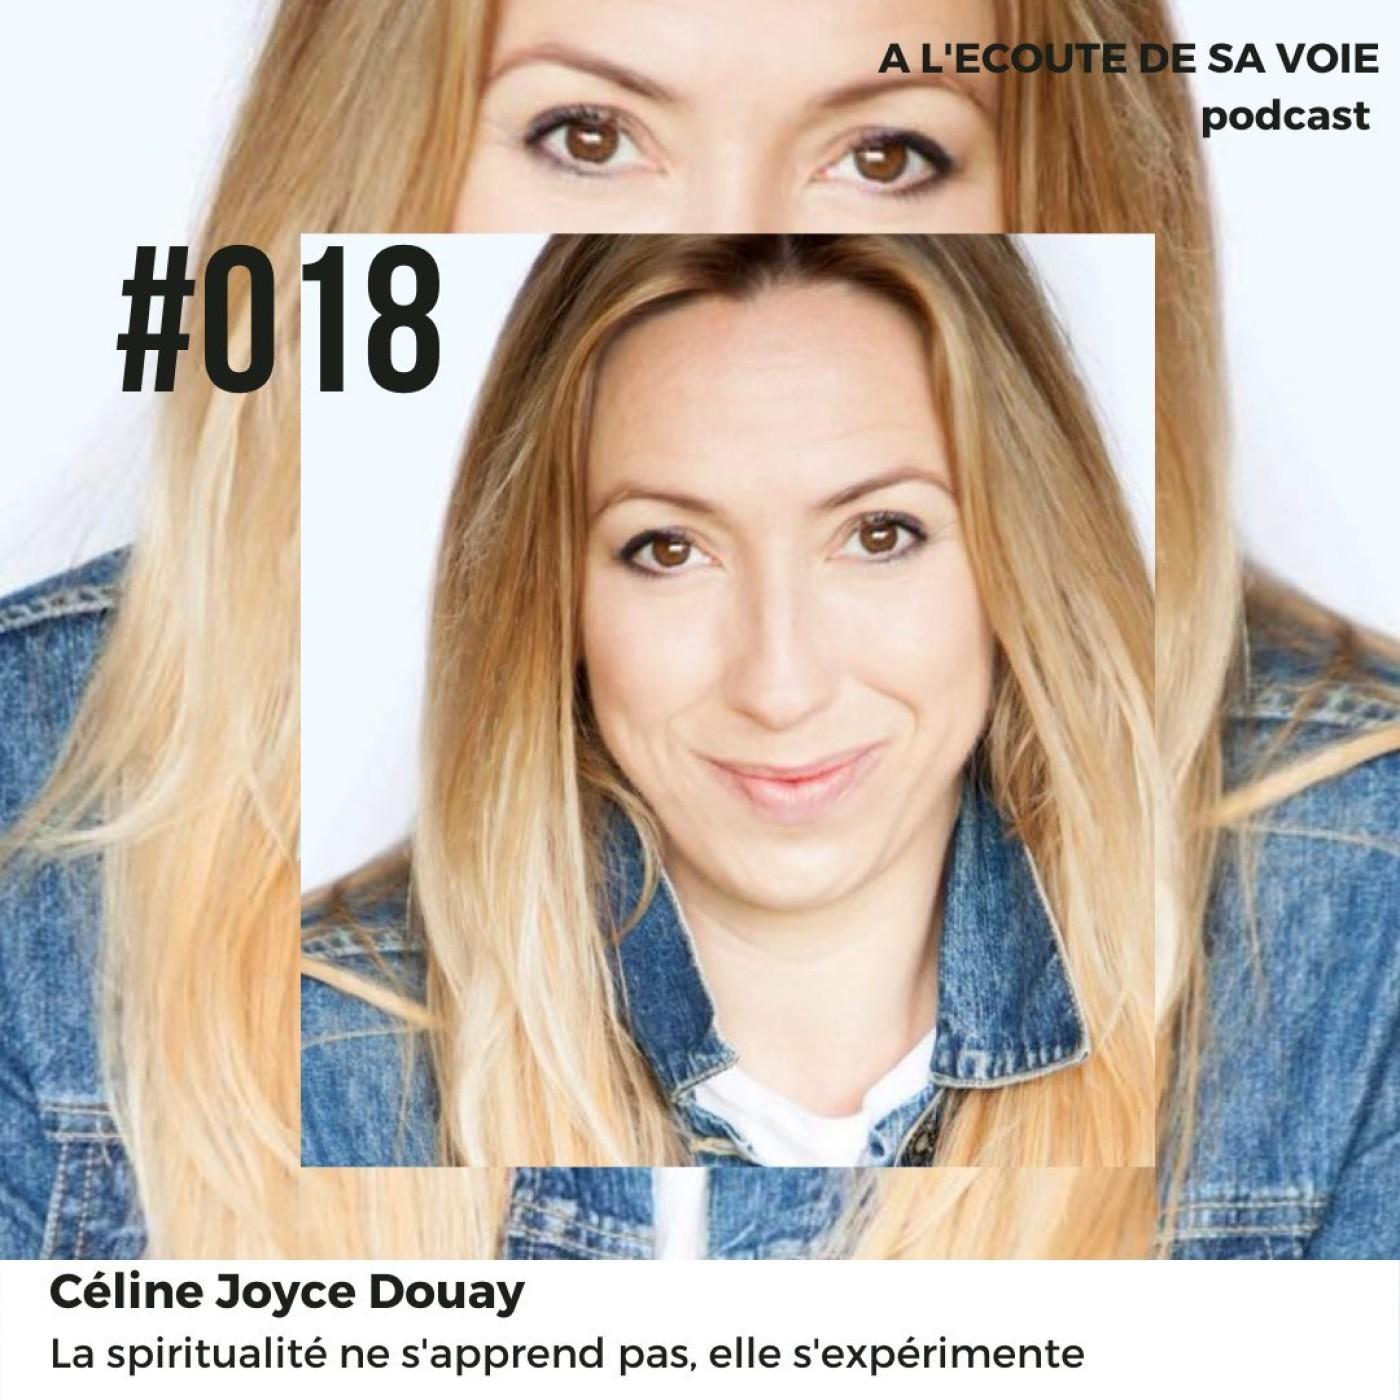 #018 Céline Joyce Douay - La spiritualité ne s'apprend pas, elle s'expérimente 1ère partie